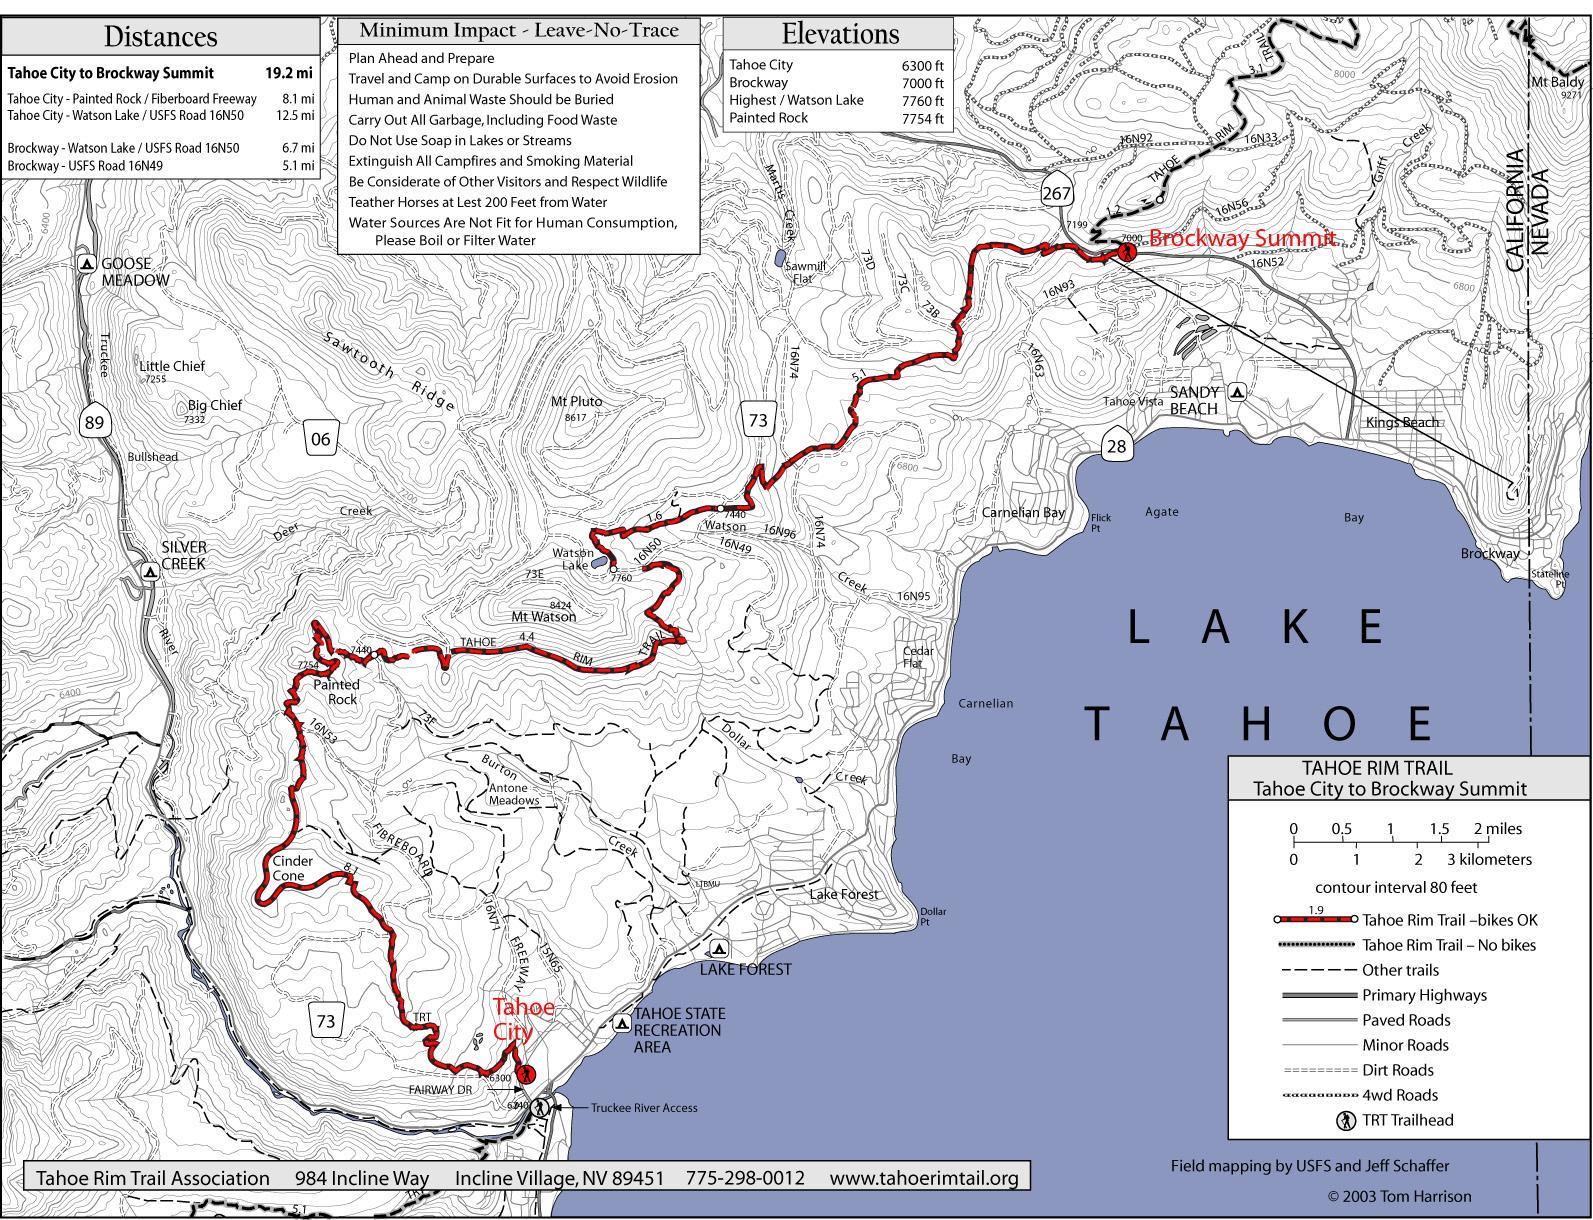 Tahoe Rim Trail Tahoe City To Brockway Summit Map - Lake Tahoe Ca - Tahoe City California Map